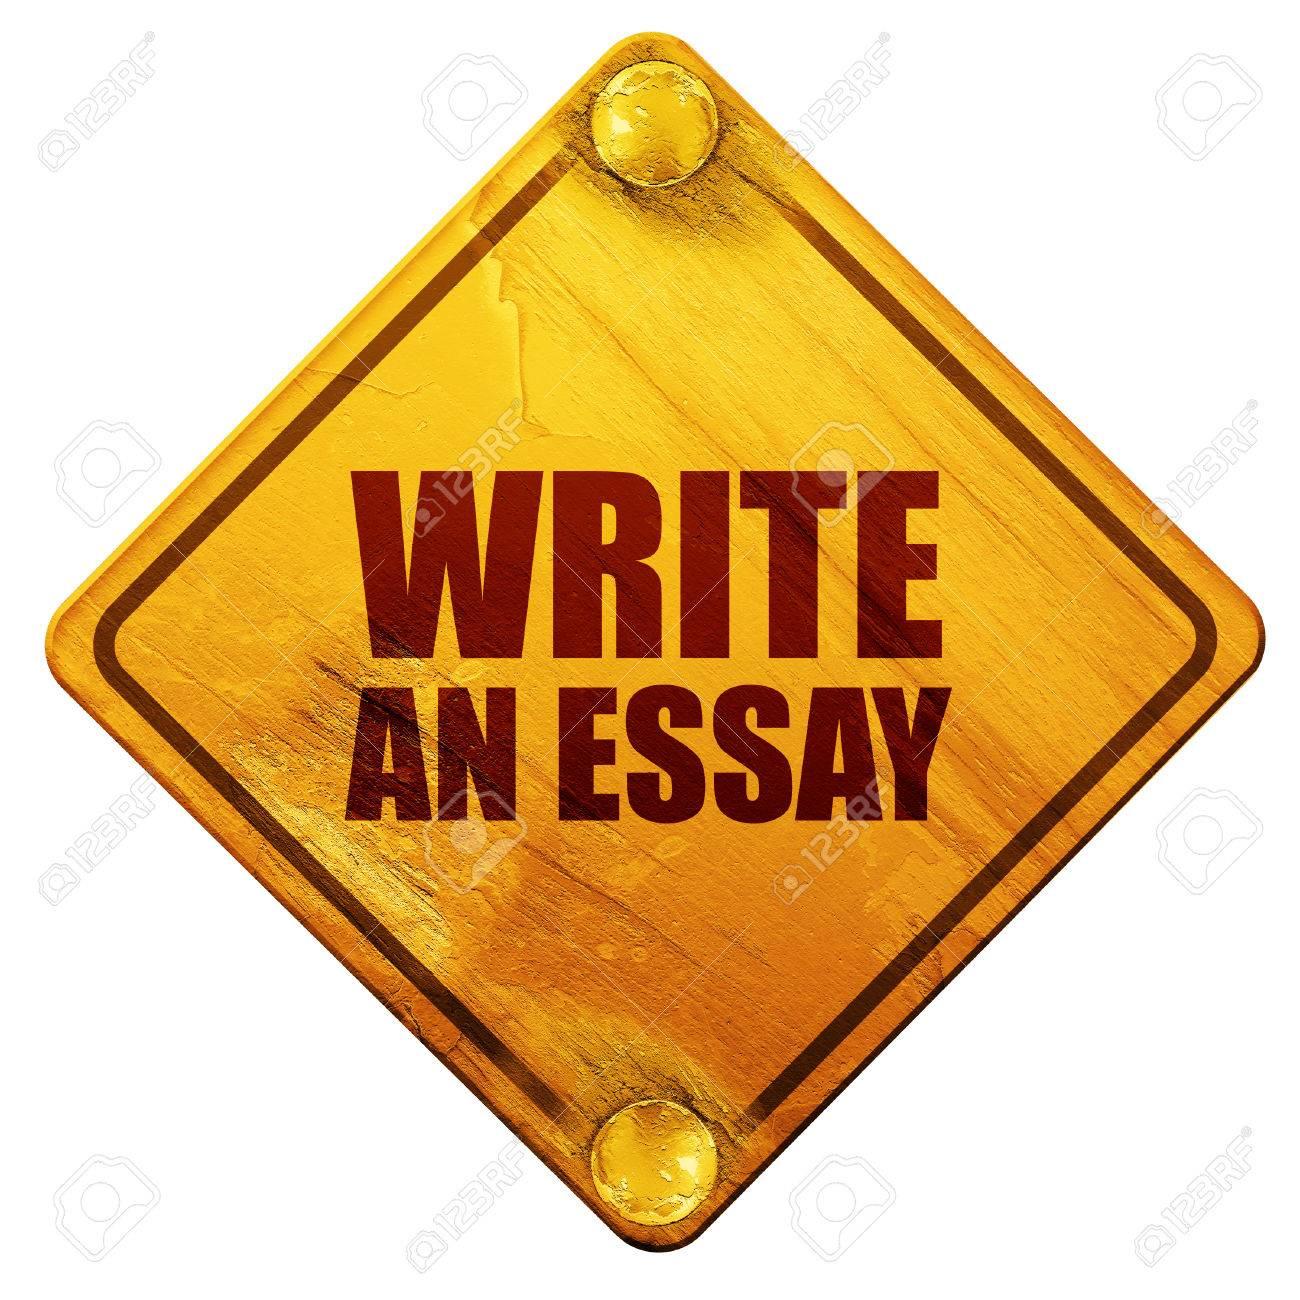 road essay 91 121 113 106 road essay